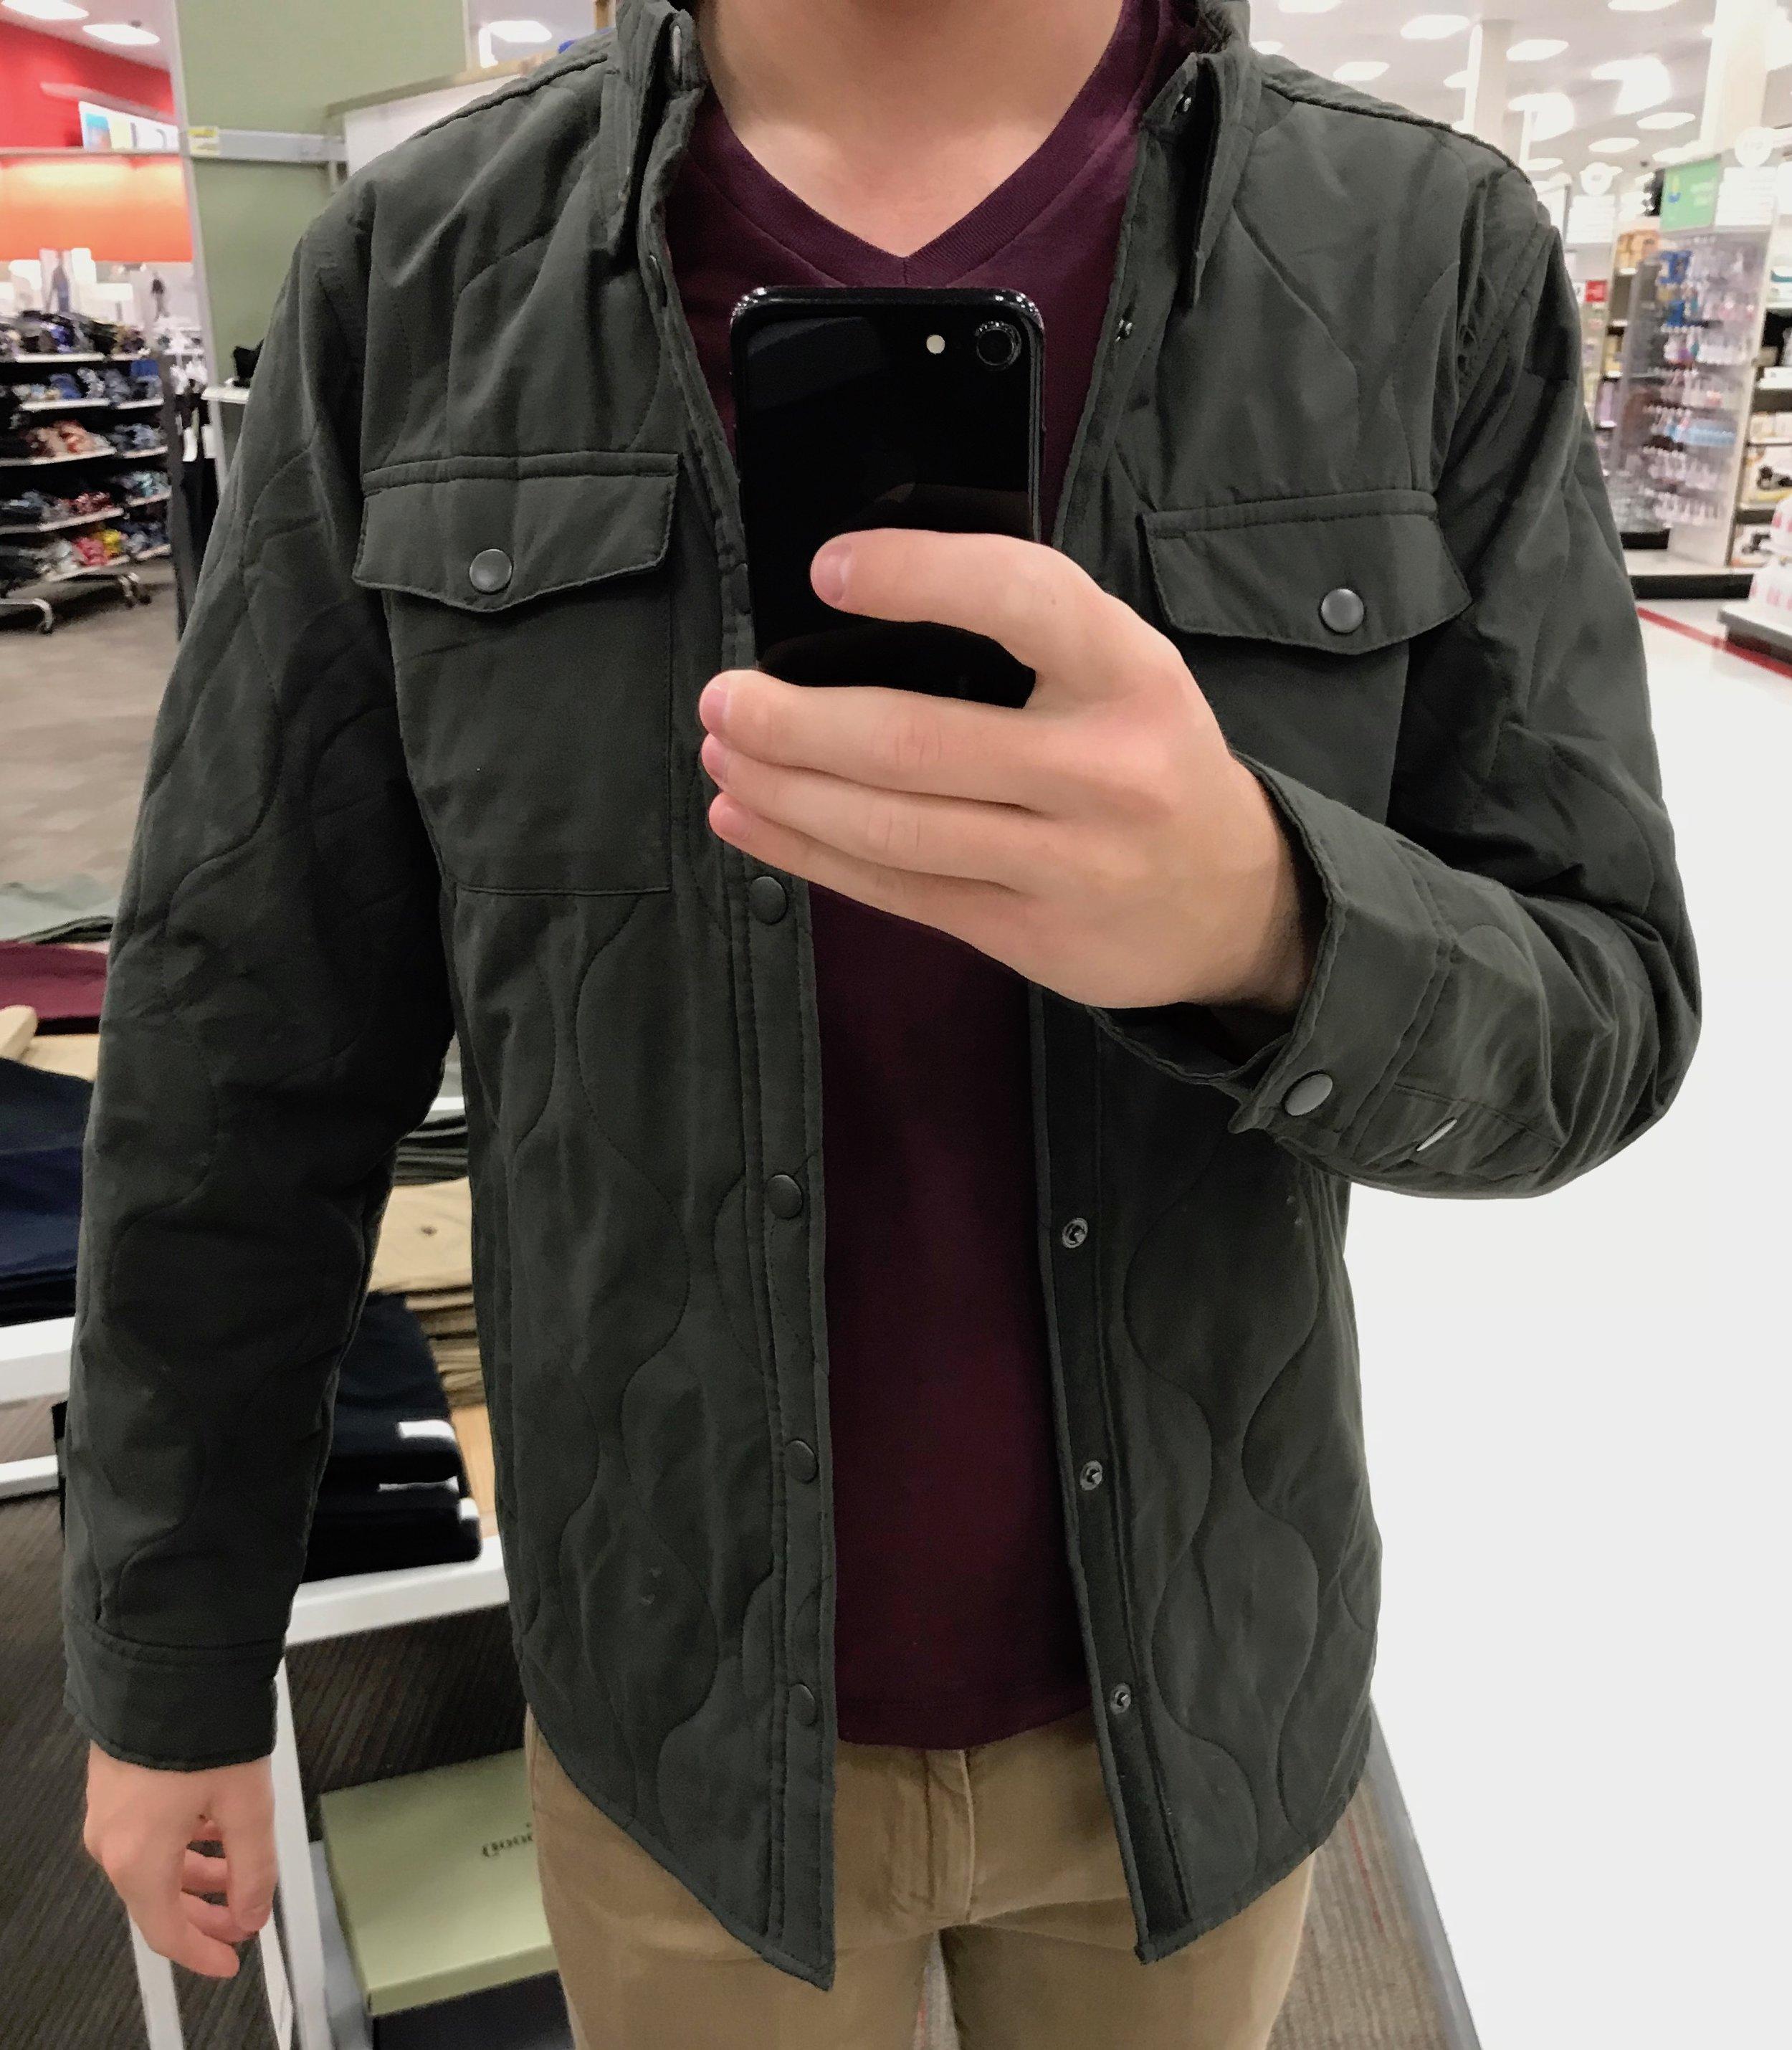 Green Field Jacket - $39.99